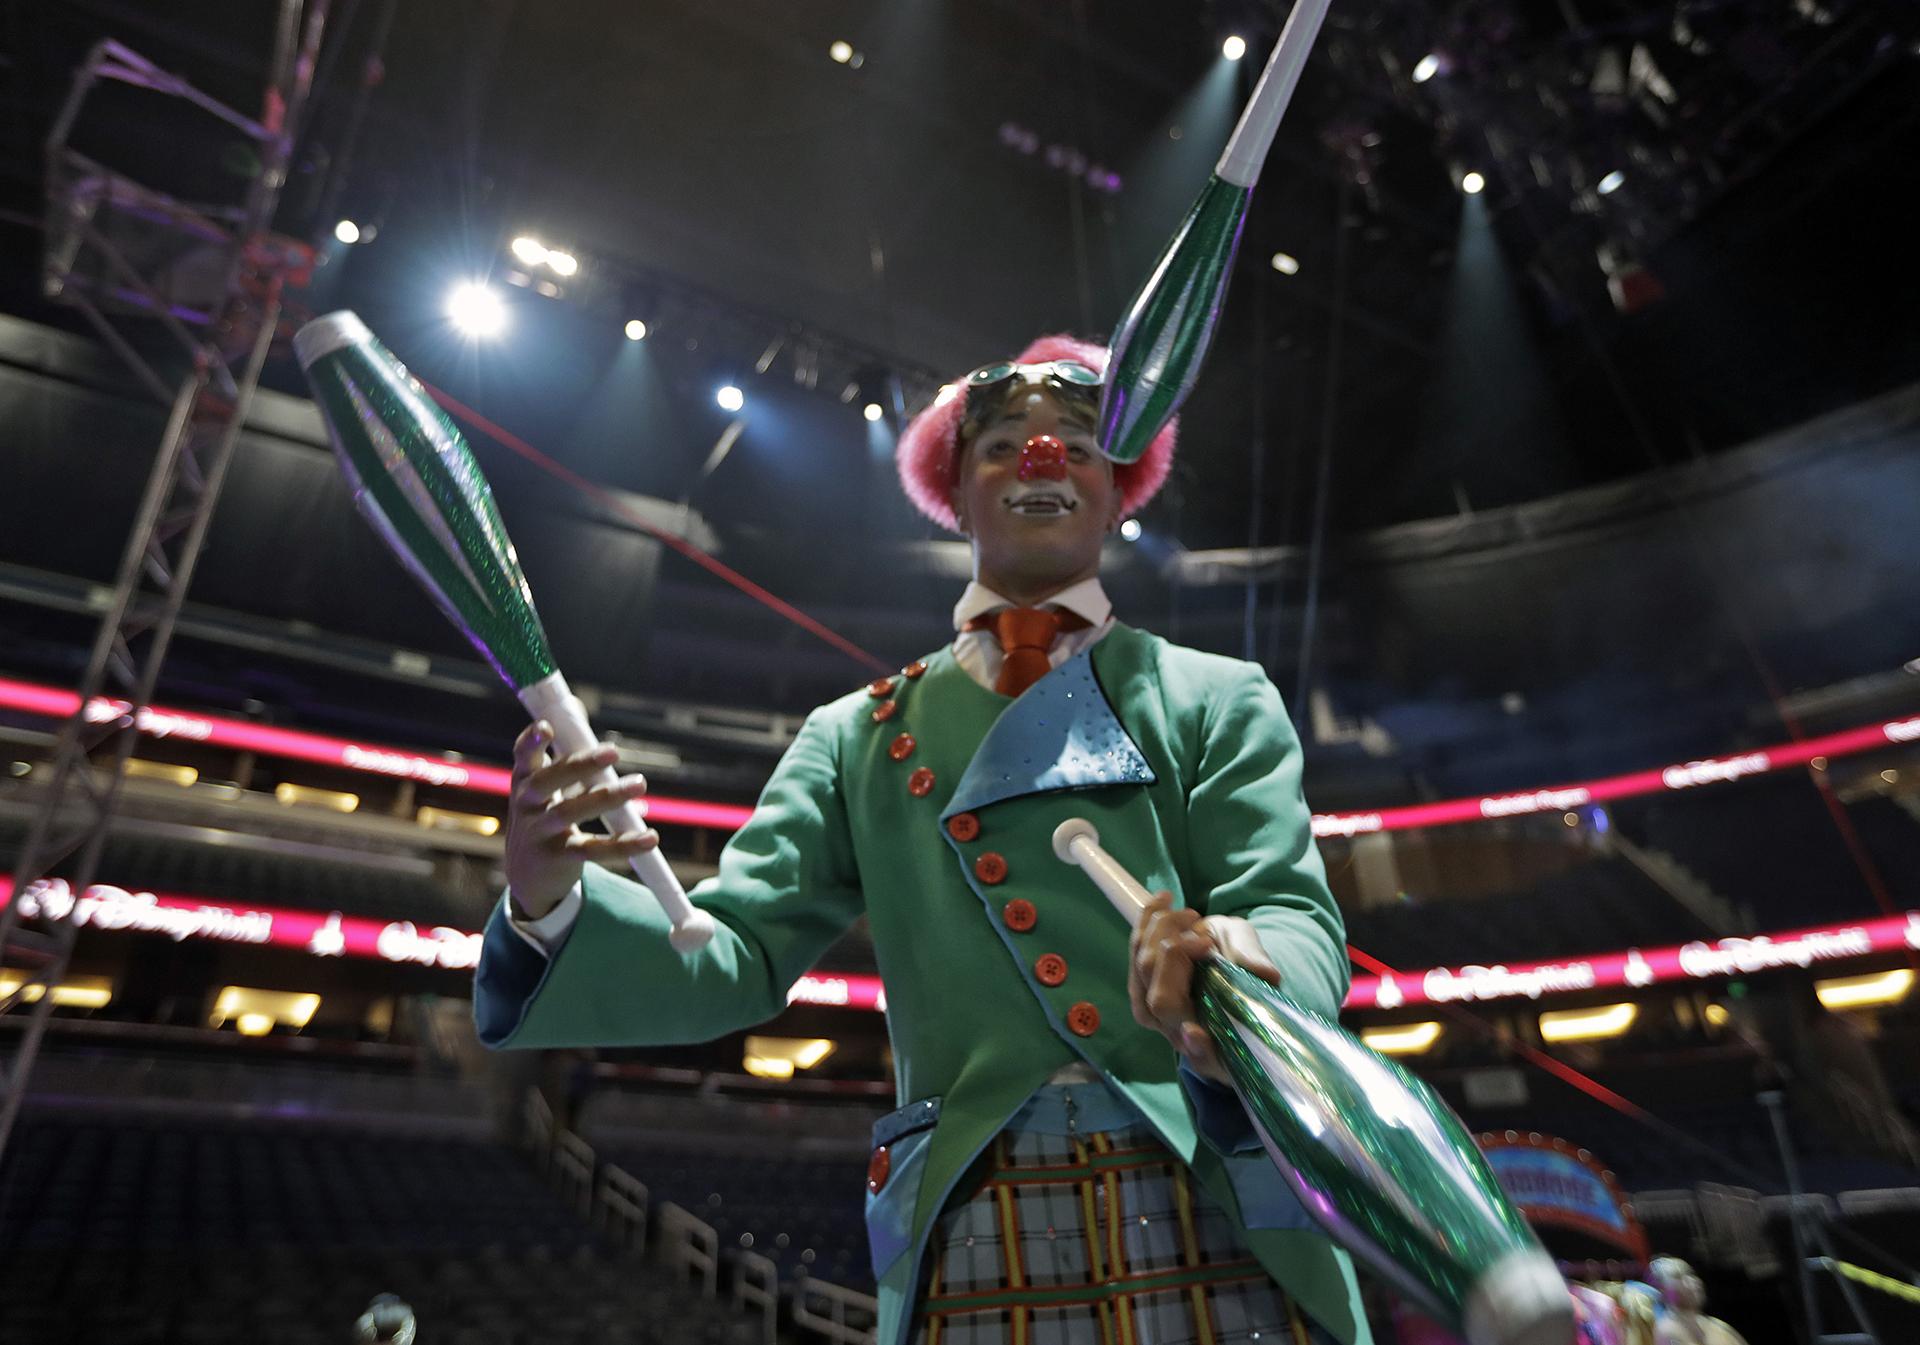 Malabares en la función en Orlando del circo Ringling Bros. and Barnum & Bailey (AP)